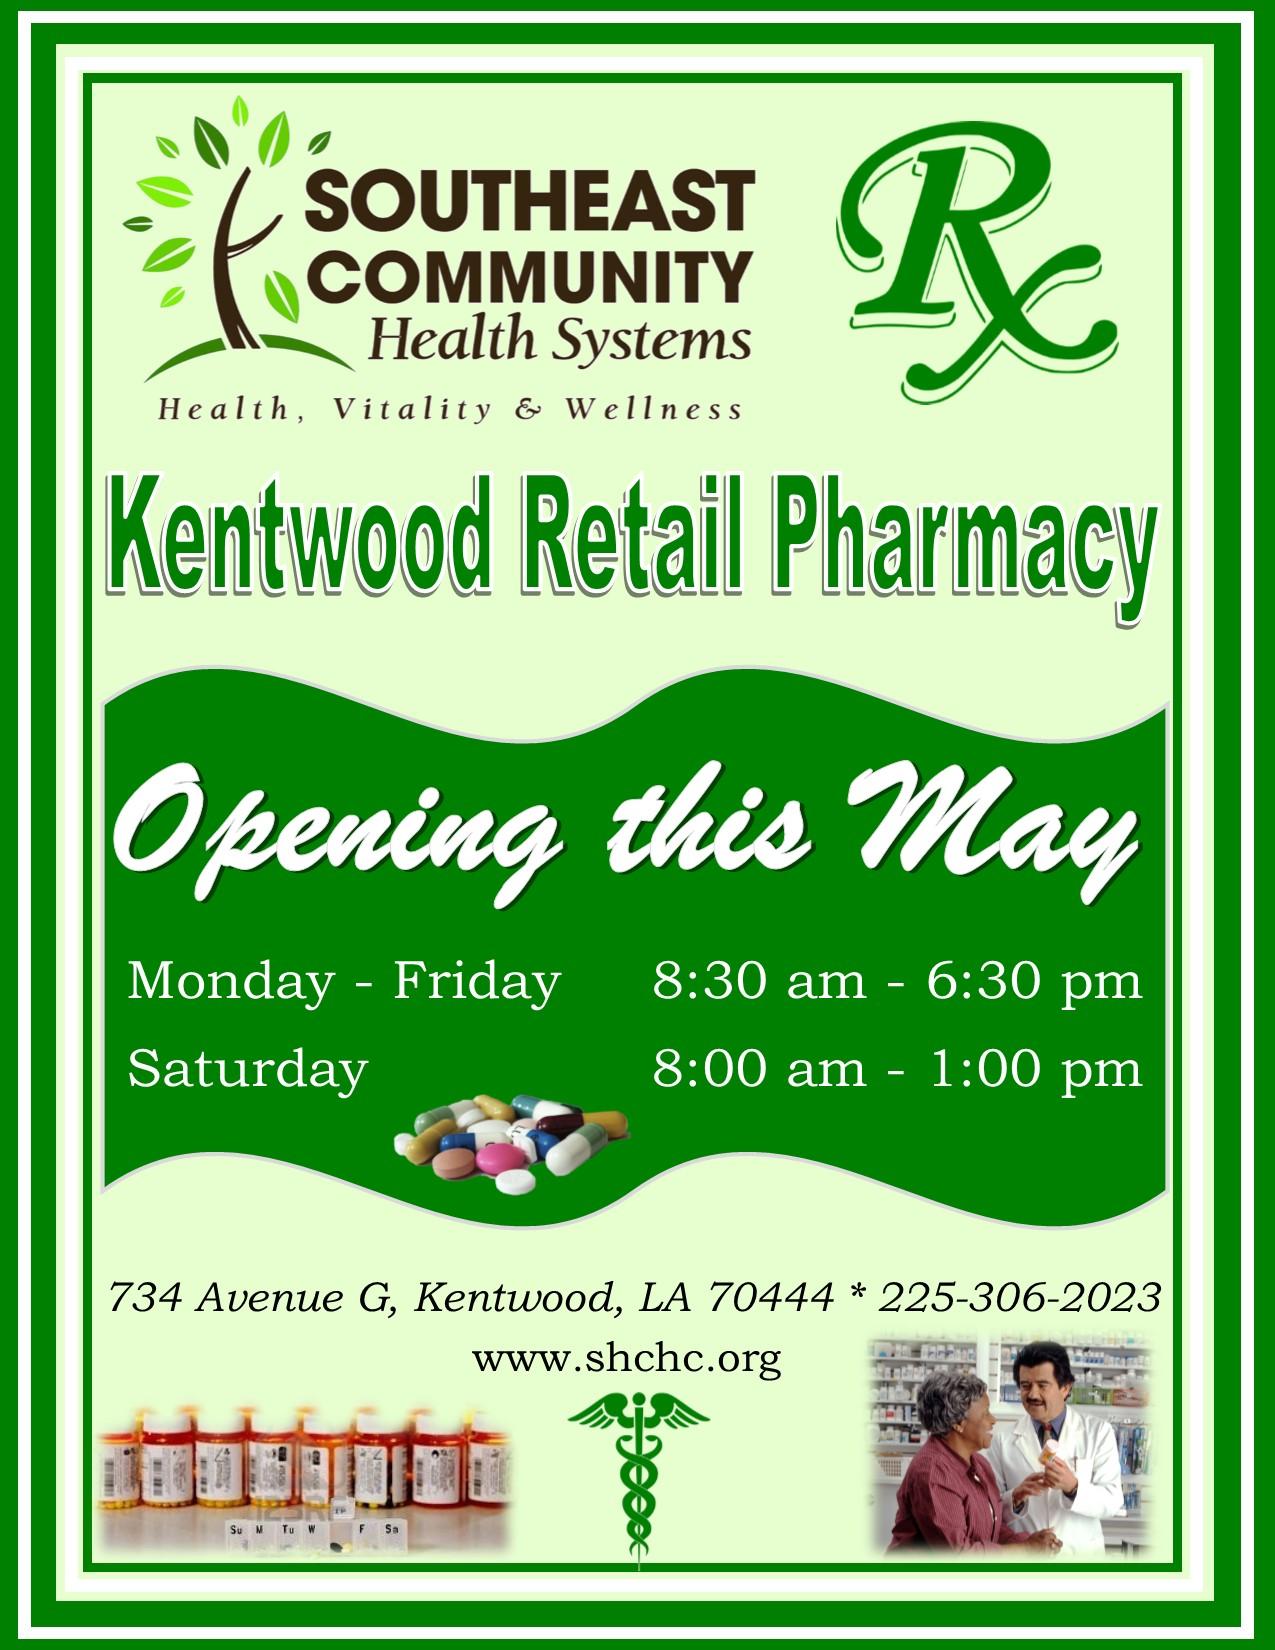 Kentwood Retail Pharmacy